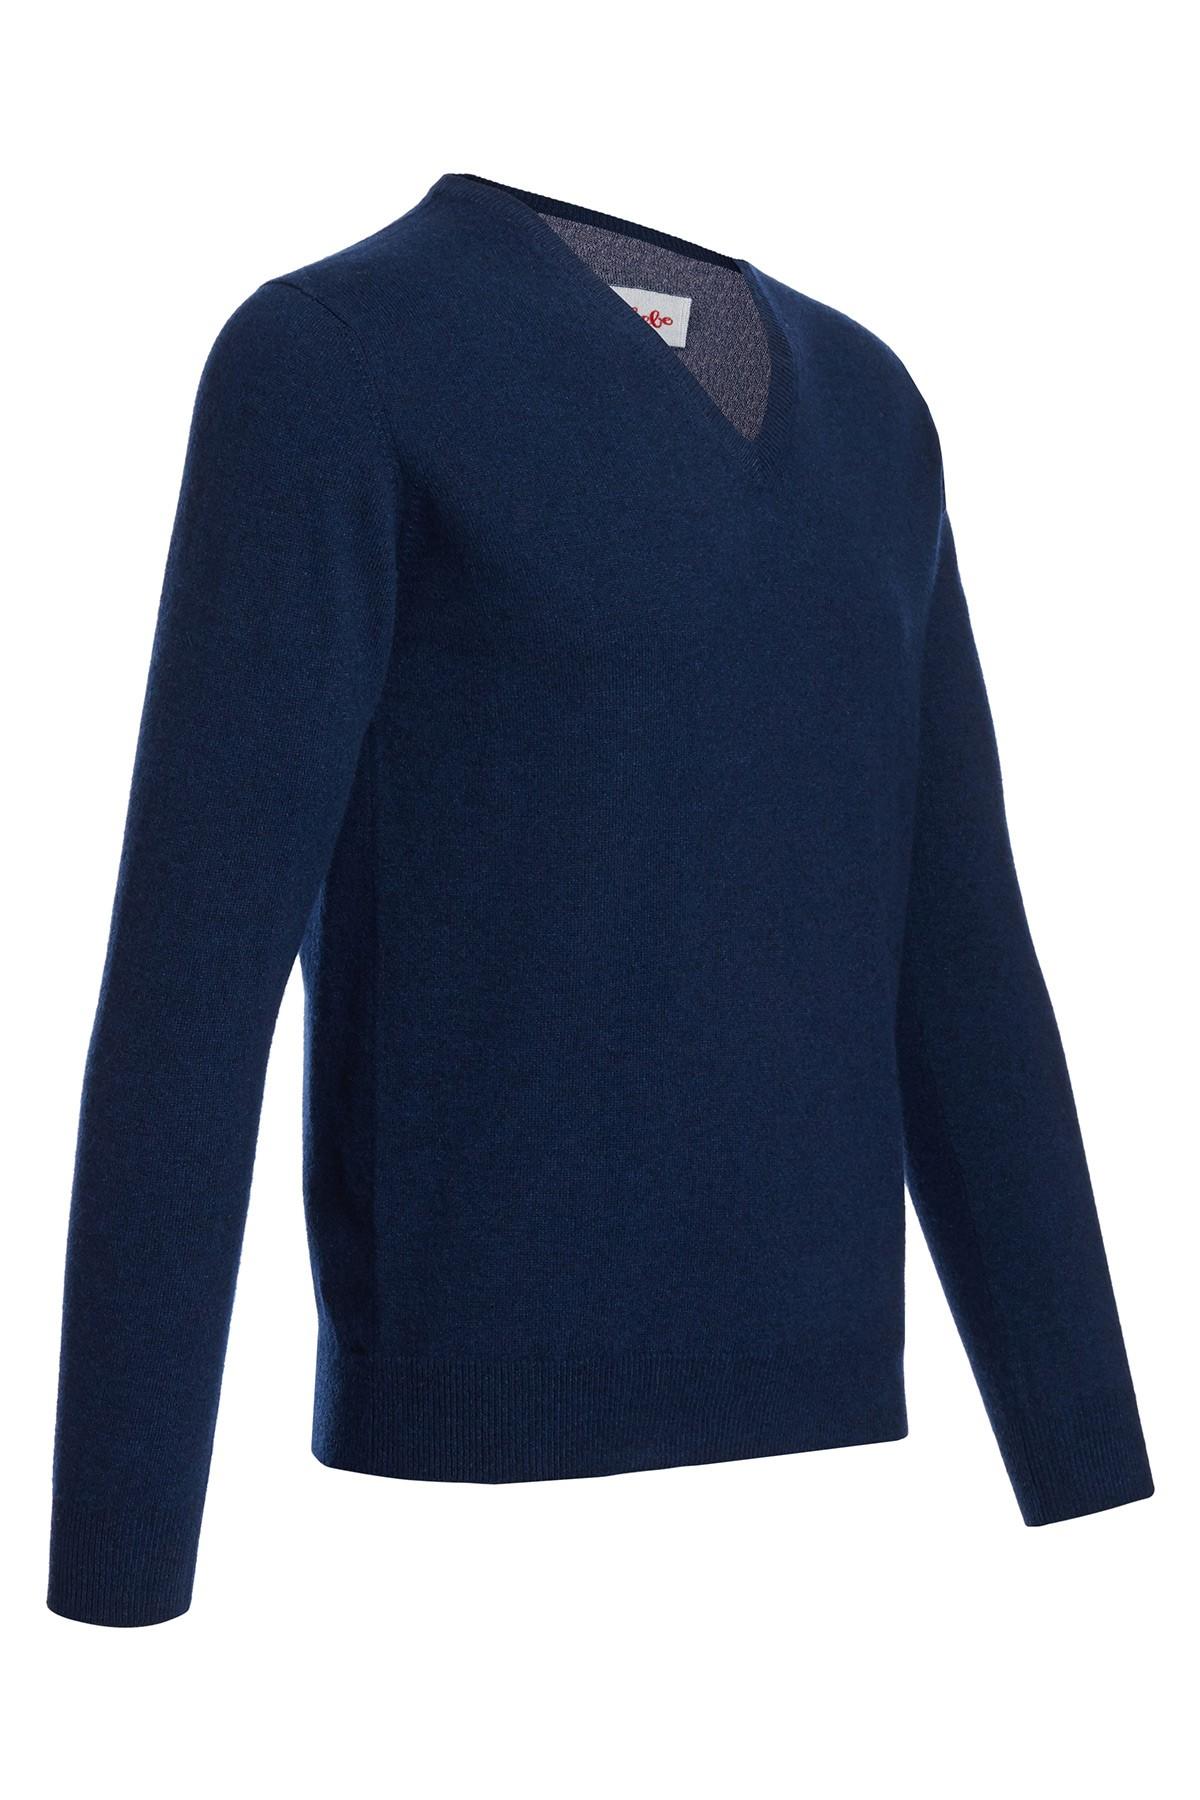 Men's V-neck cashmere sweater astral